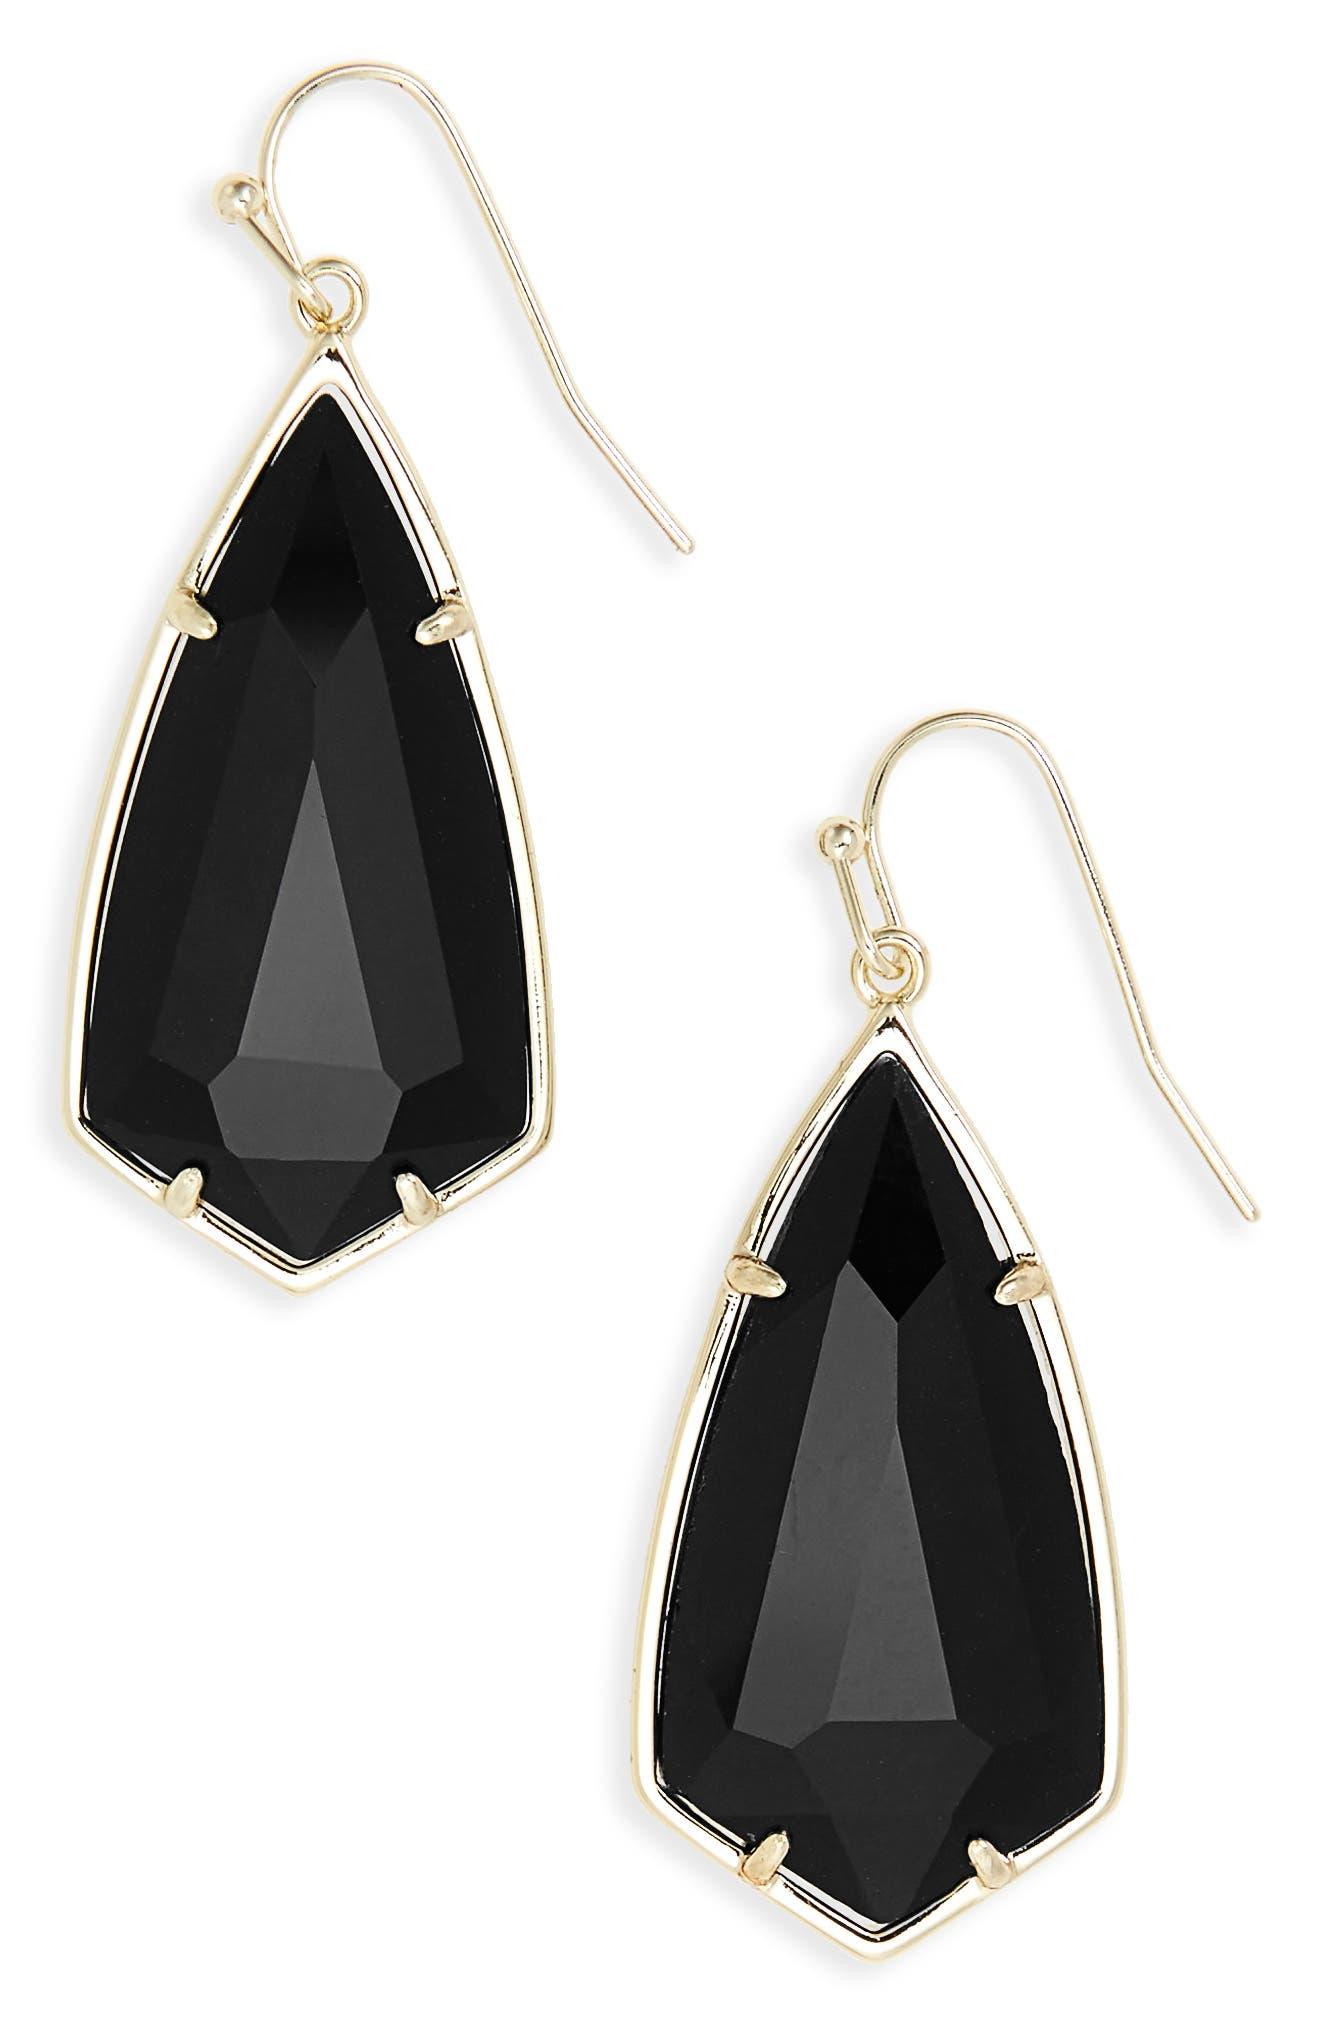 Carla Semiprecious Stone Drop Earrings,                             Main thumbnail 1, color,                             003